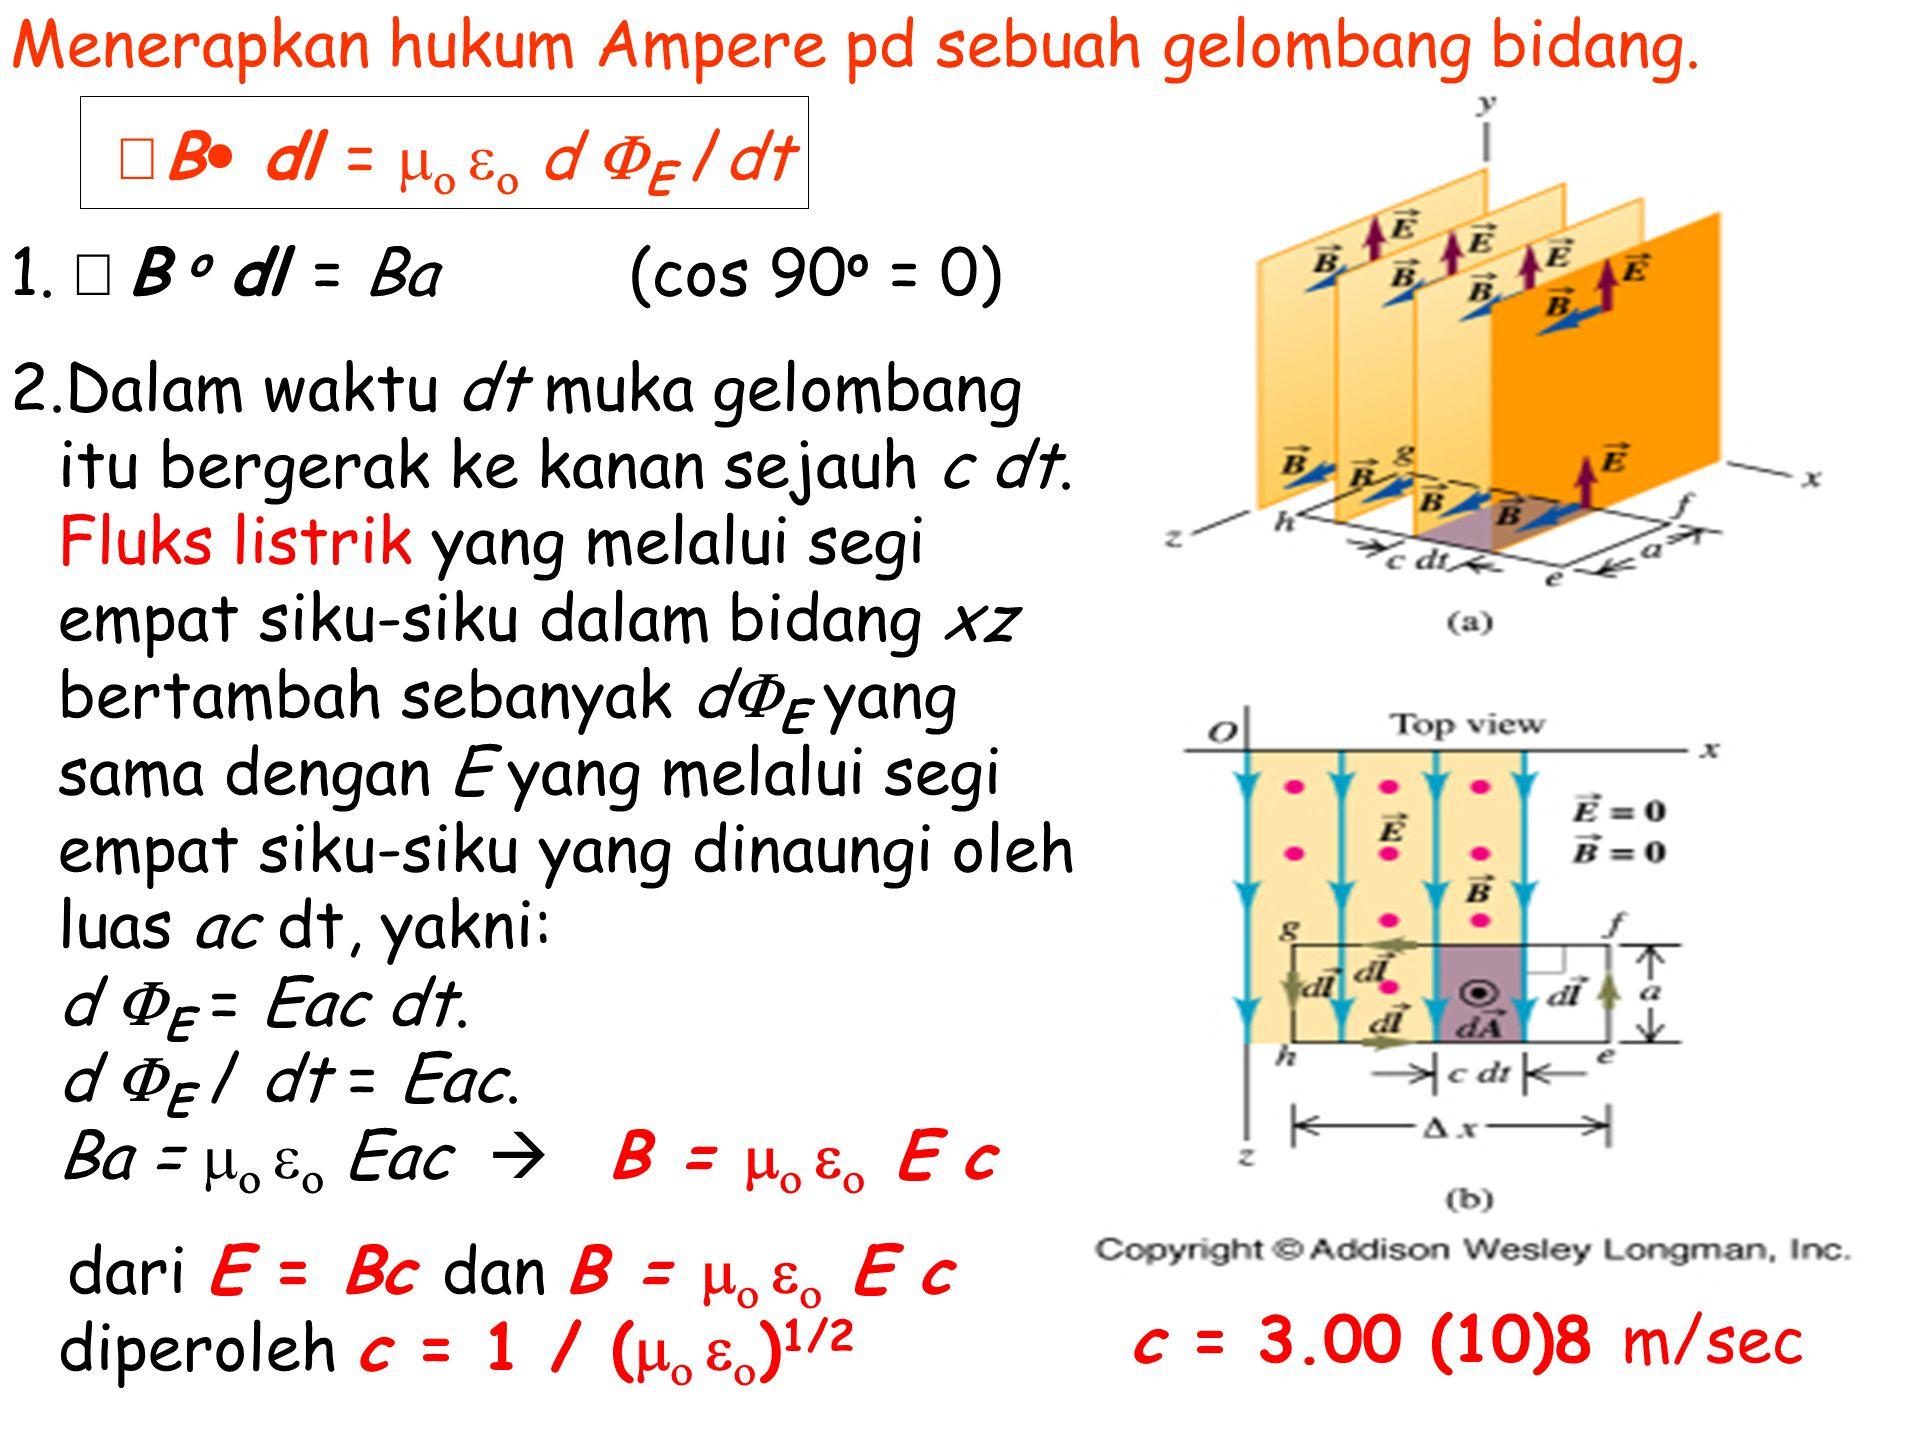 Menerapkan hukum Ampere pd sebuah gelombang bidang.